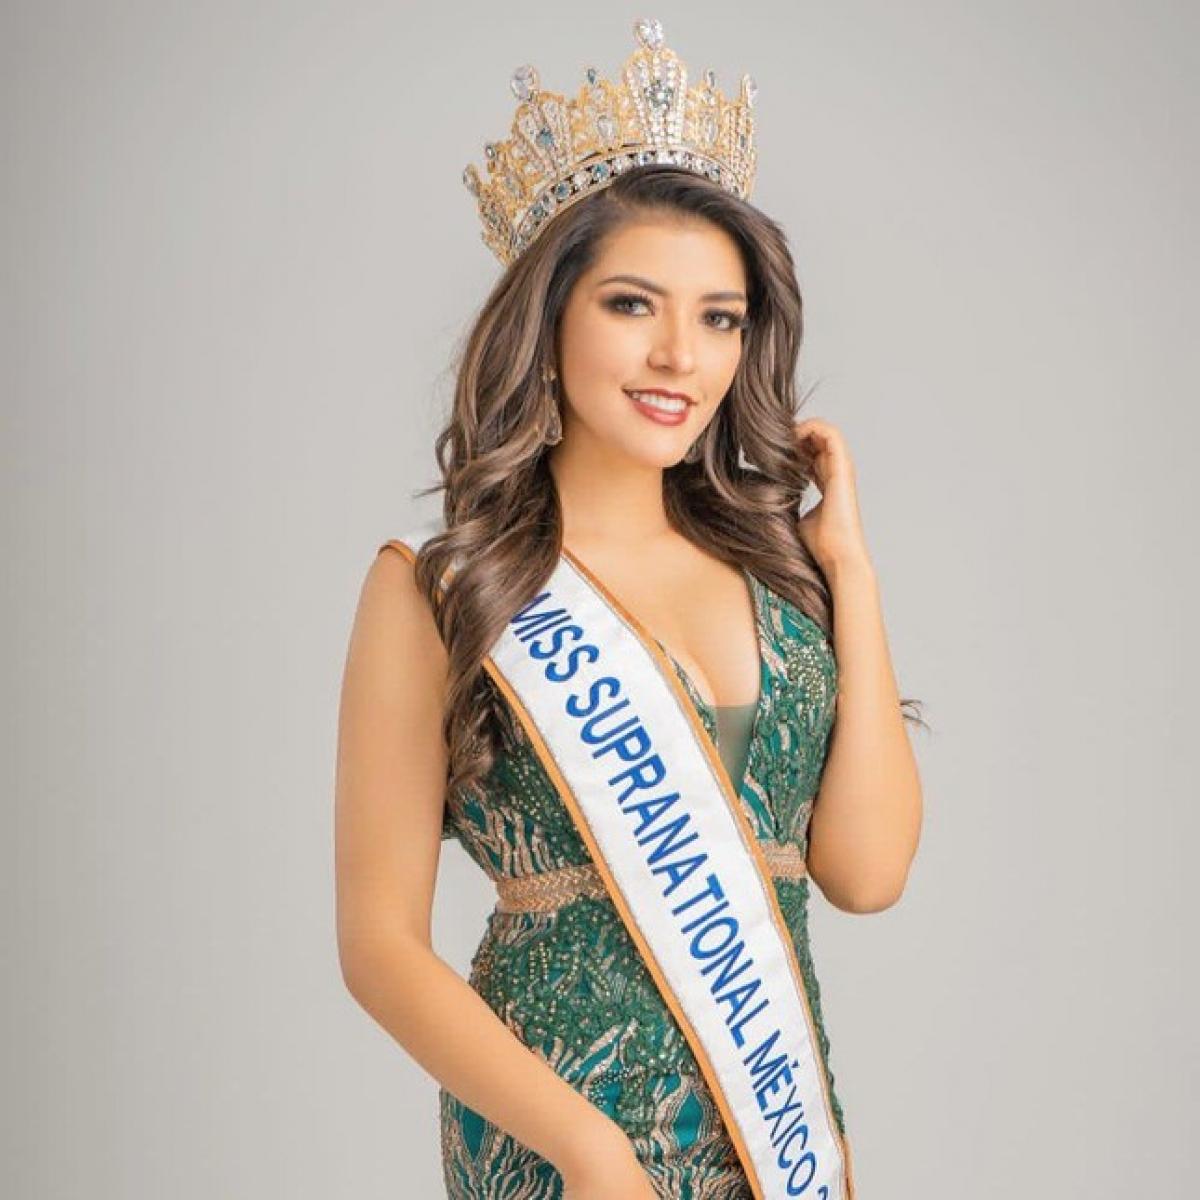 Palmira Ruiz mới đây đã được bổ nhiệm trở thành Hoa hậu Siêu quốc gia Mexico 2021.